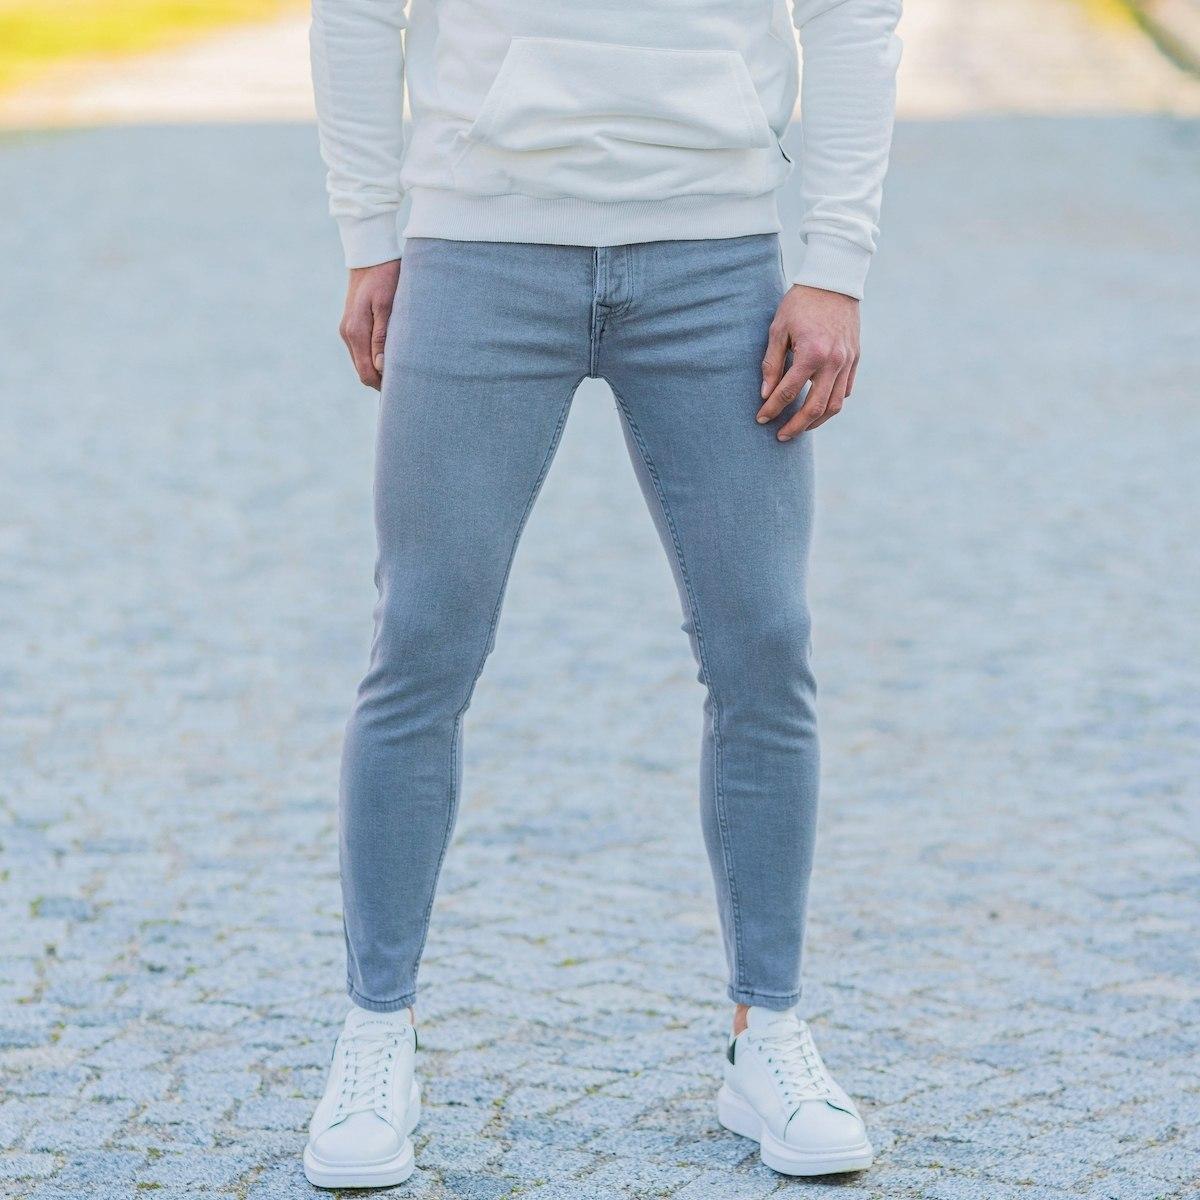 Men's Basic Skinny Jeans In Stone Gray